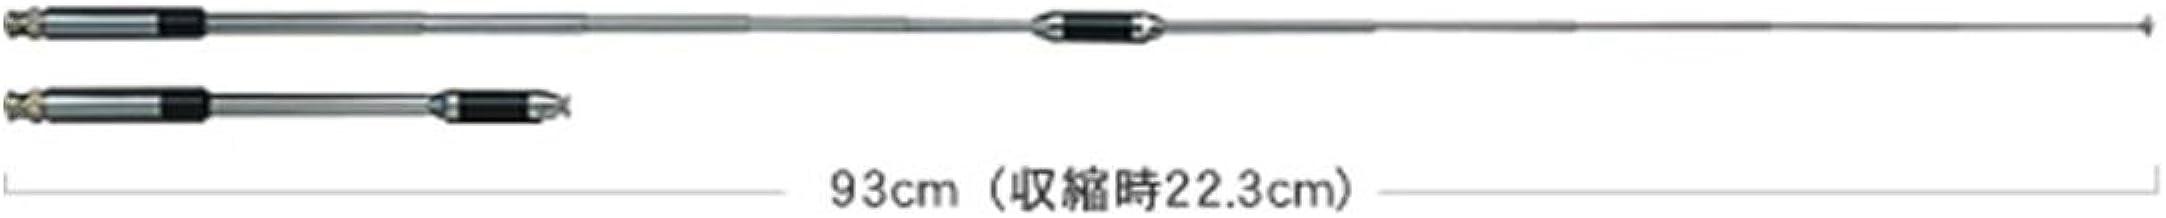 第一電波工業 ダイヤモンド  144/430MHz帯高利得2バンドハンディーロッドアンテナ レピーター対応 300MHz帯受信対応 RH770